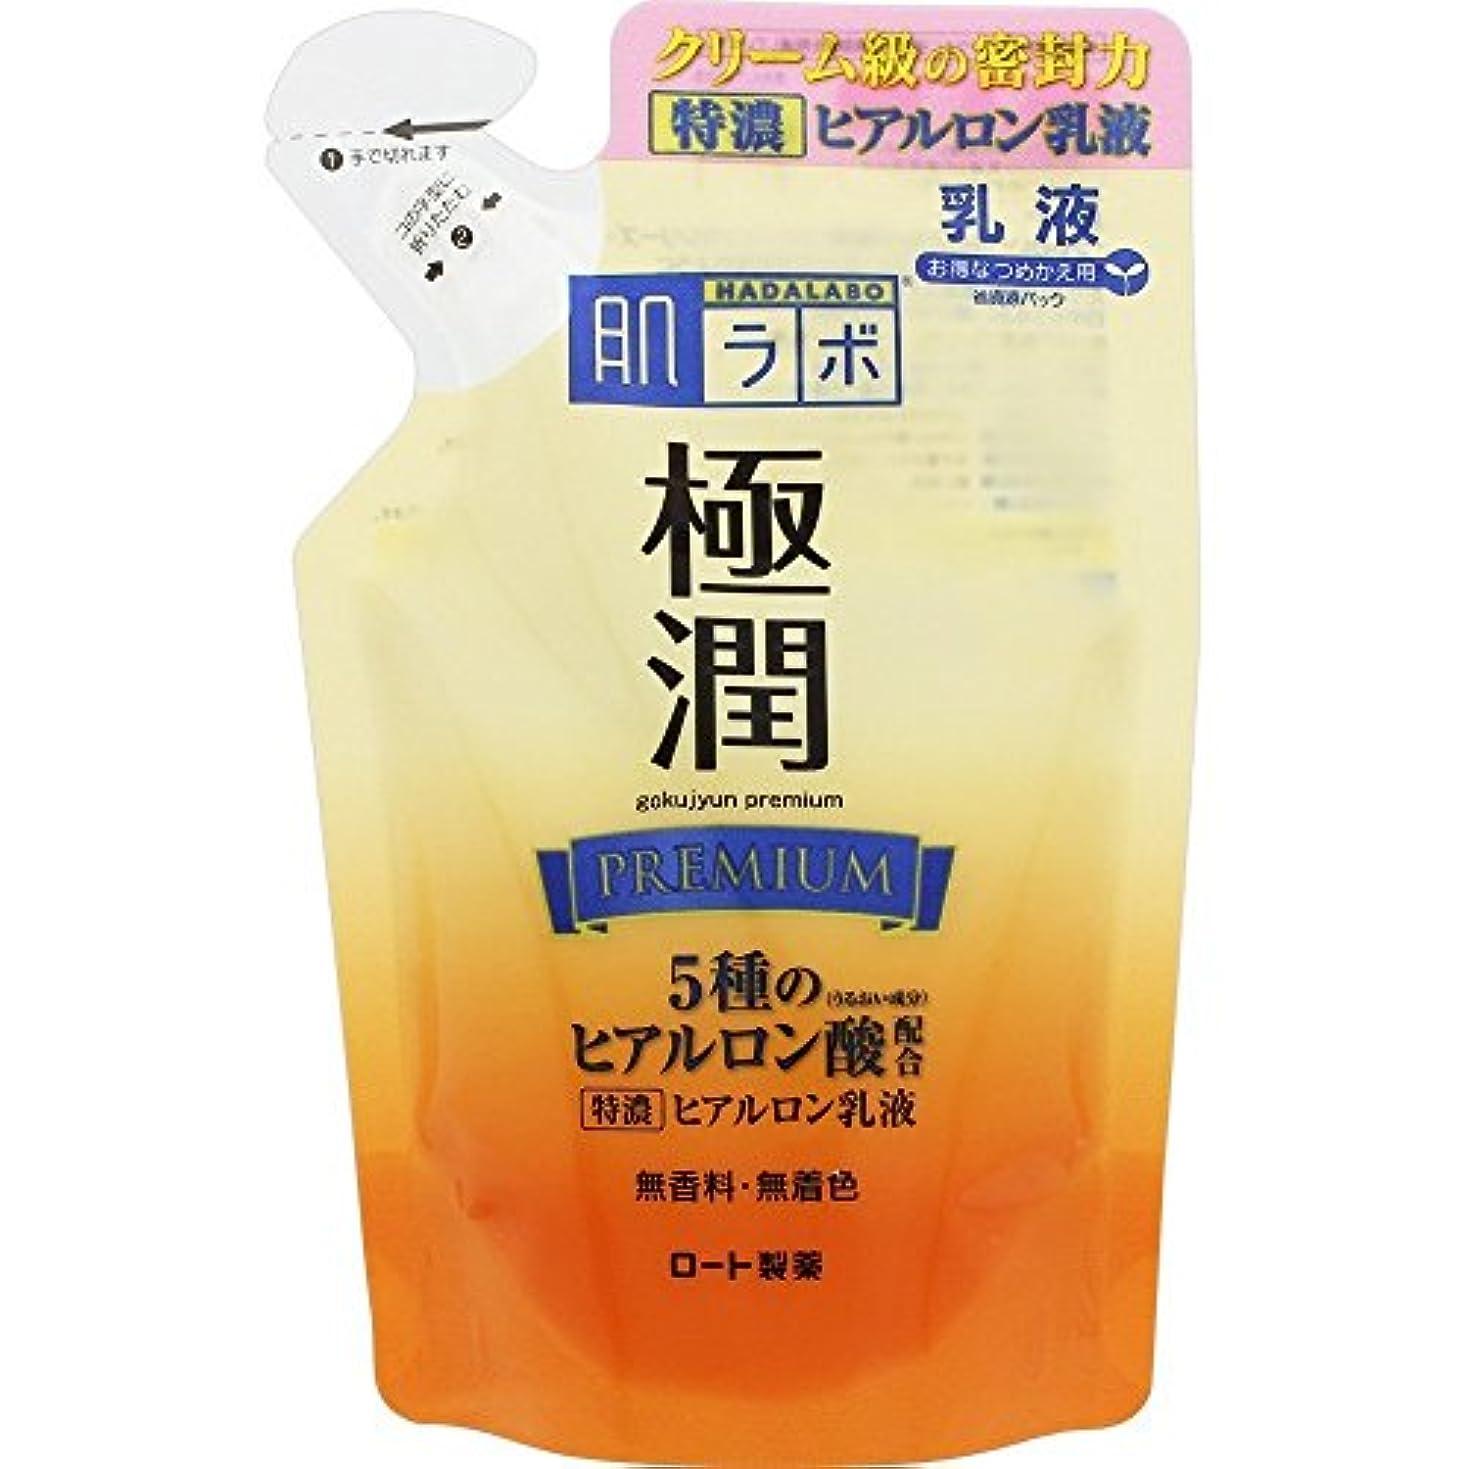 肌ラボ 極潤プレミアム ヒアルロン乳液 <つめかえ用> 140mL